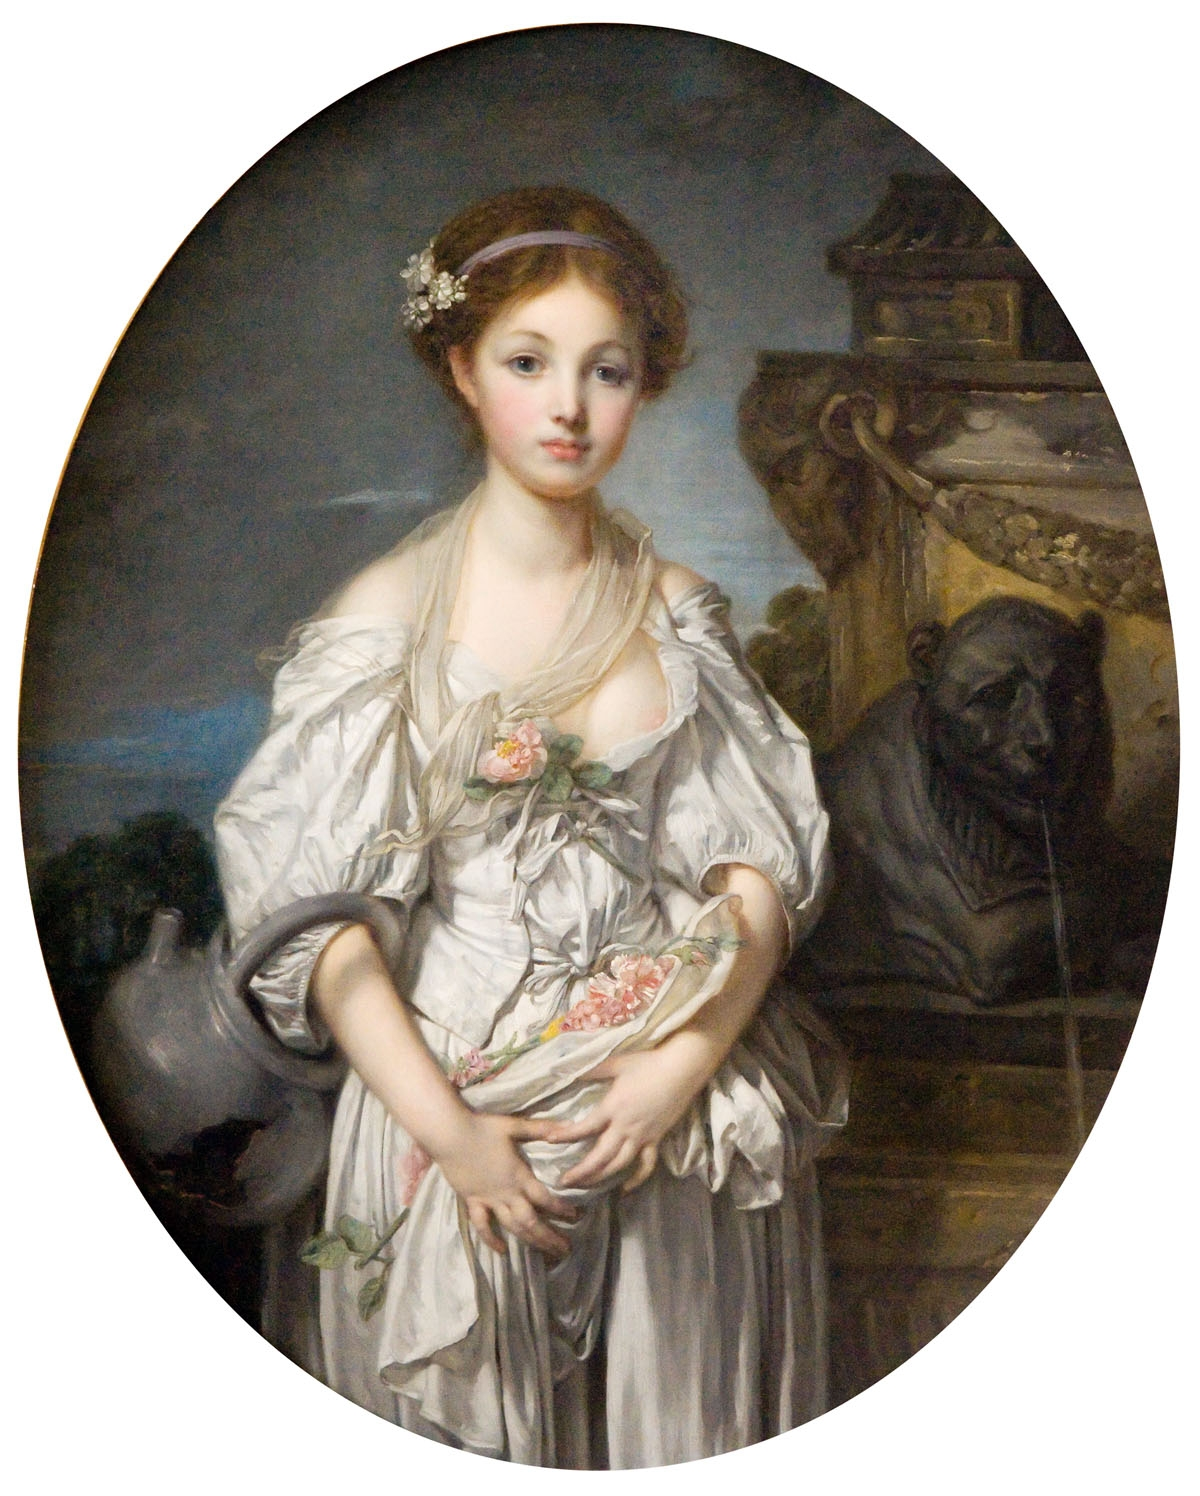 La Cruche cassée tableau peint par Jean-Baptiste Greuze